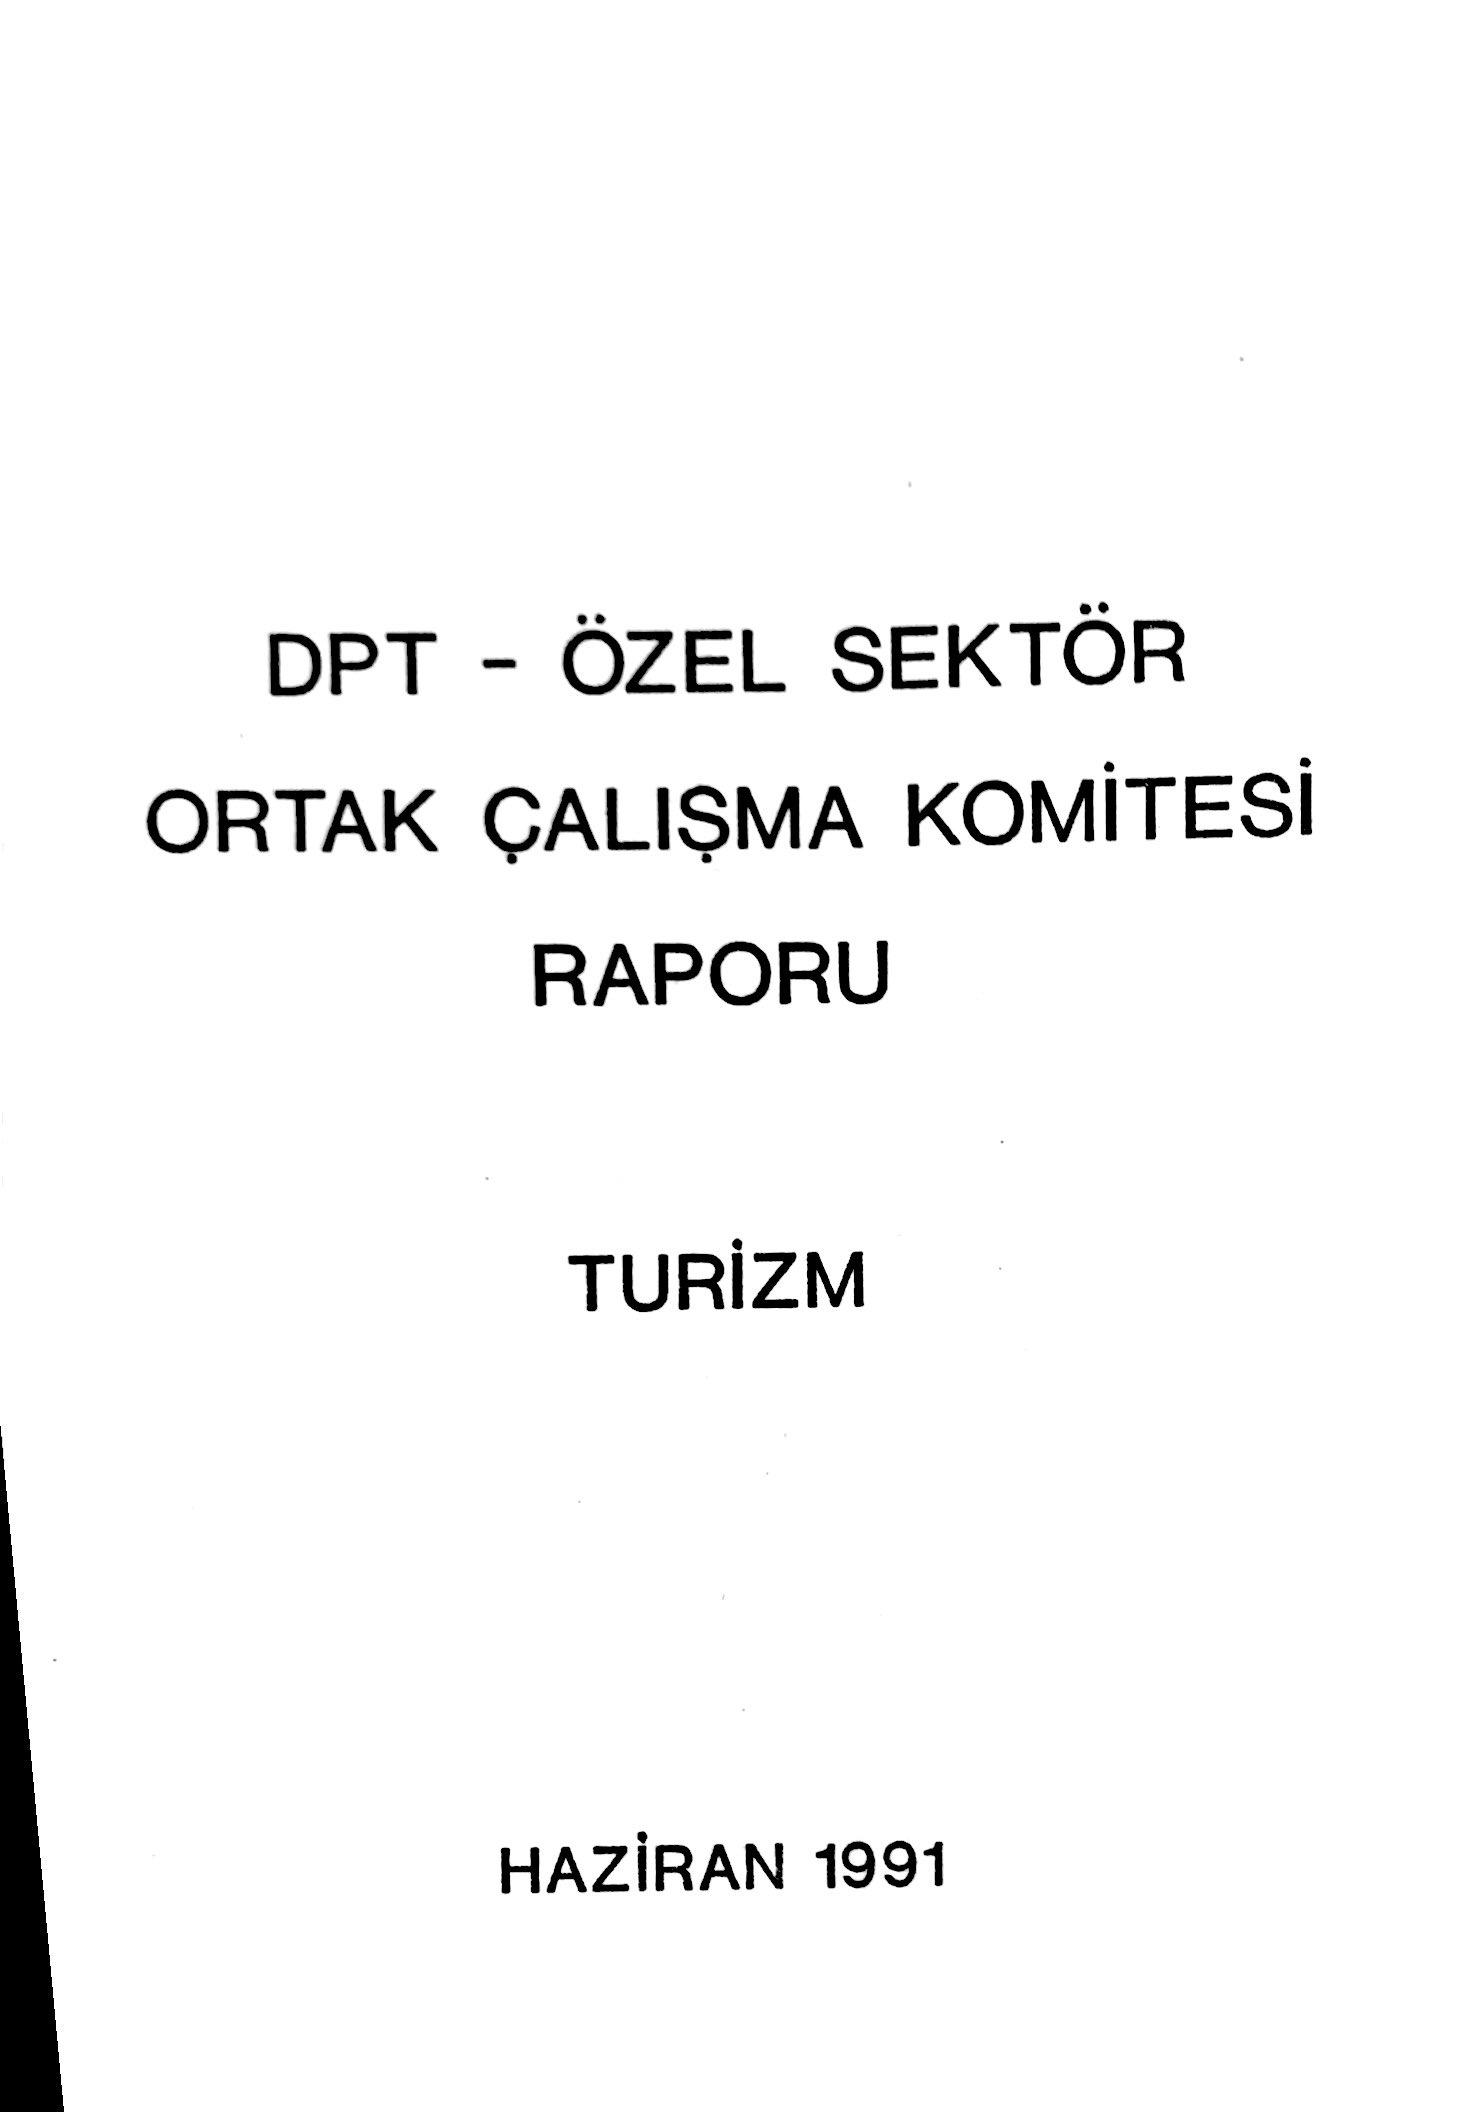 DPT-Özel Sektör Ortak Çalışma Komitesi Raporu (Turizm) Kitap Kapağı